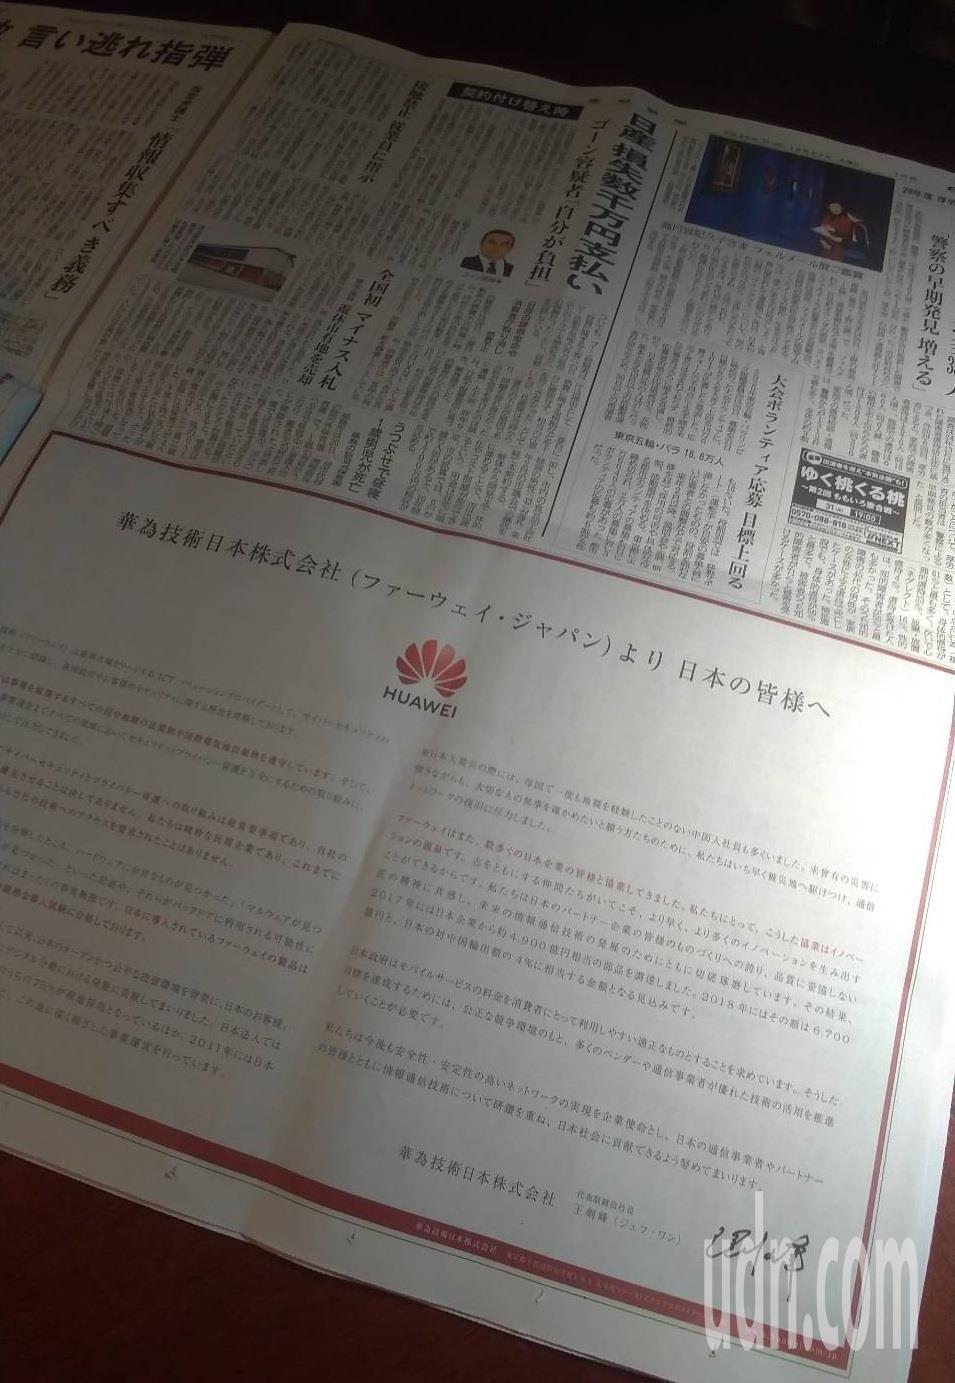 華為今日在日本媒體刊登半版聲明自清,強調遵守各國法律、重視資安的立場。東京記者蔡佩芳/攝影